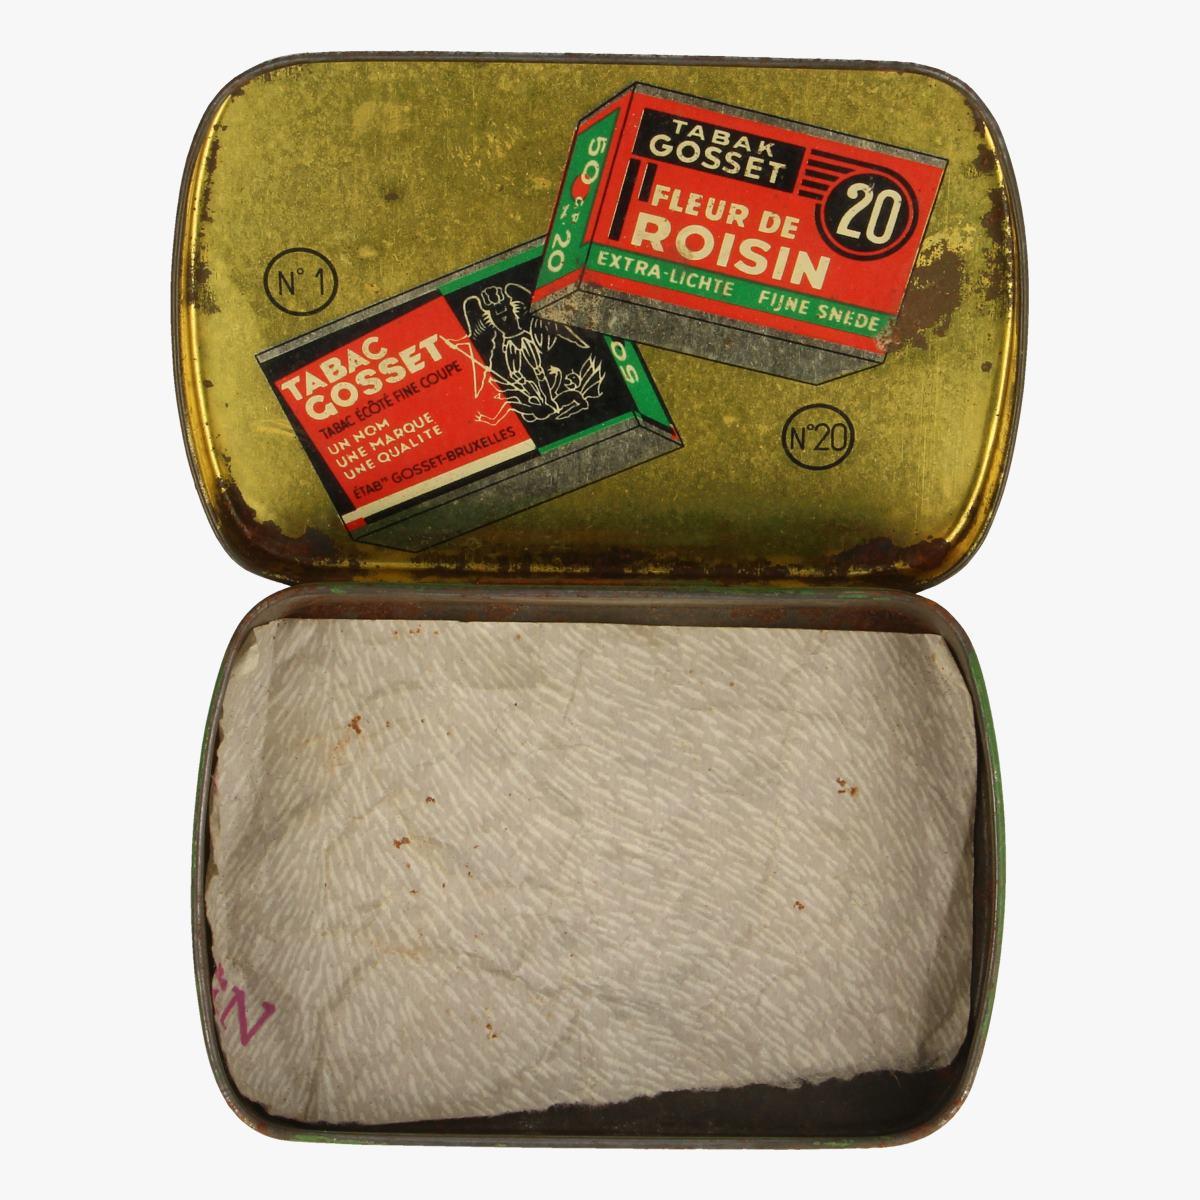 Afbeeldingen van tabaks doosje gosset